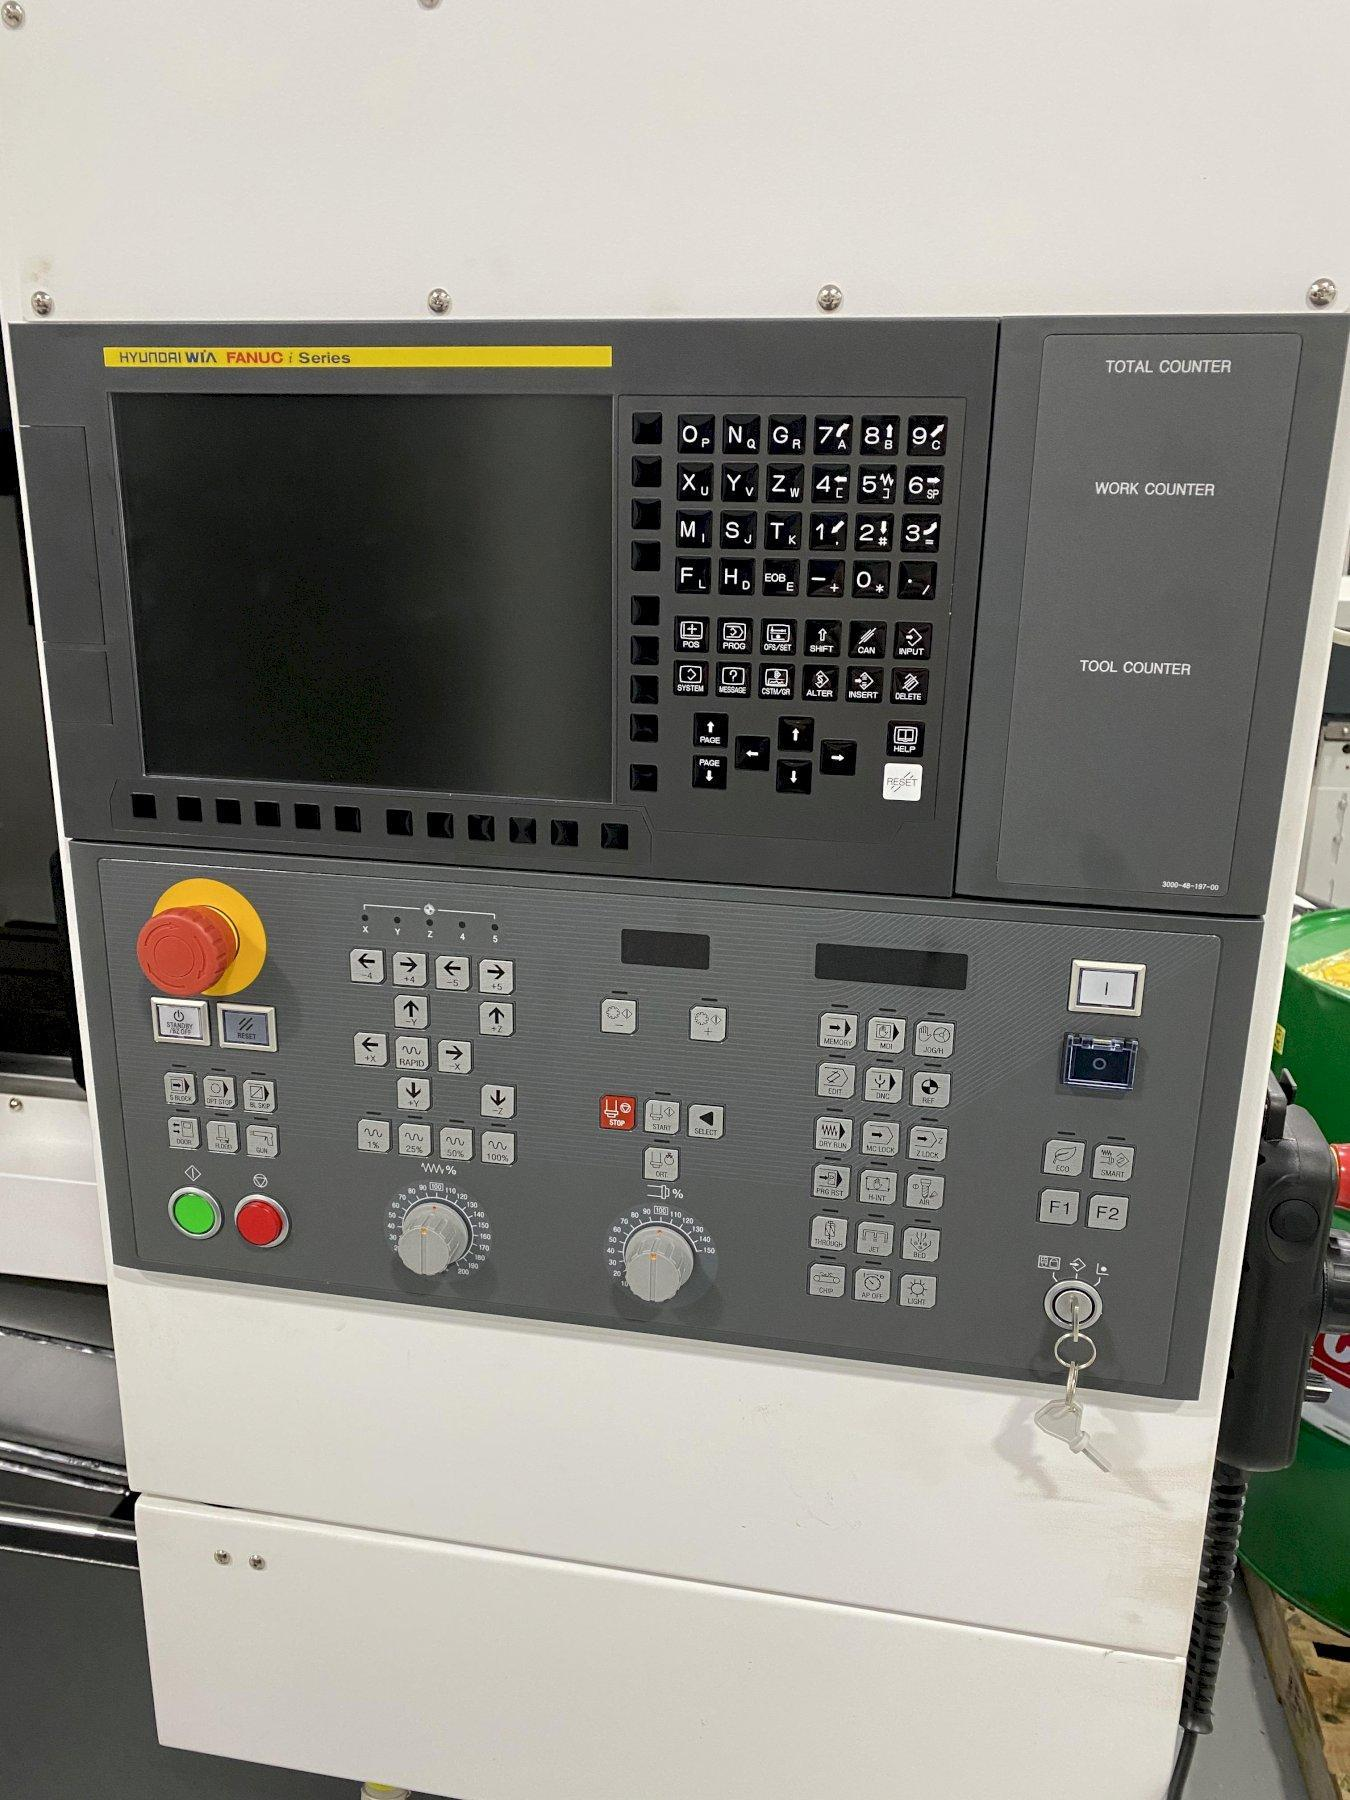 2019 HYUNDAI WIA F400 VERTICAL MACHINING CENTER